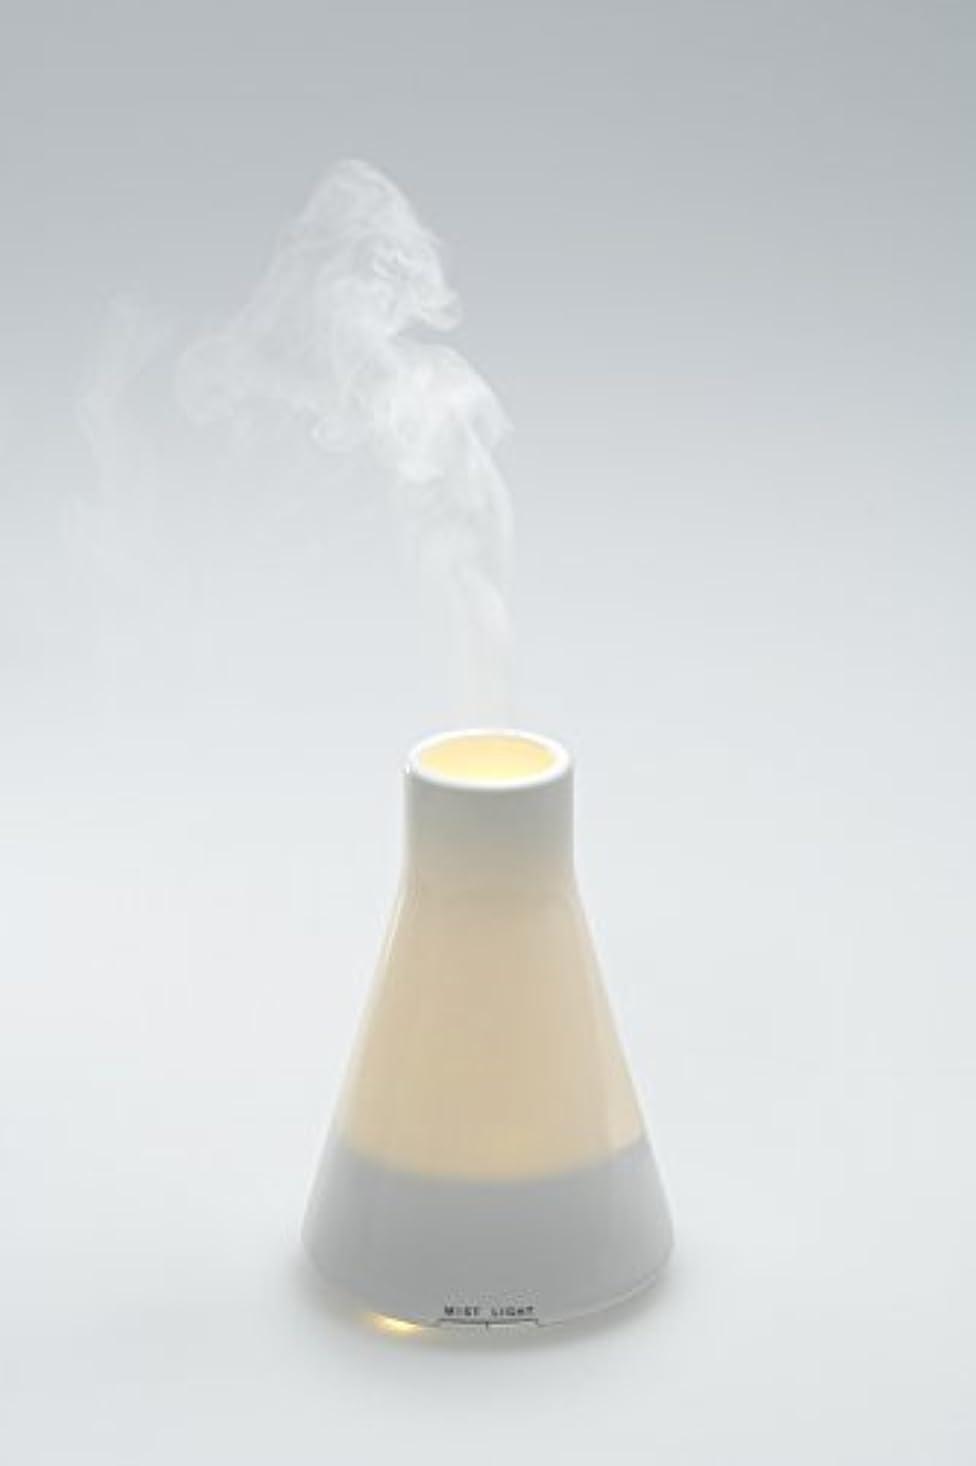 浴室いたずらチキン±0 Aroma Diffuser プラスマイナスゼロ アロマディフューザー XQU-U010 [ ホワイト ]